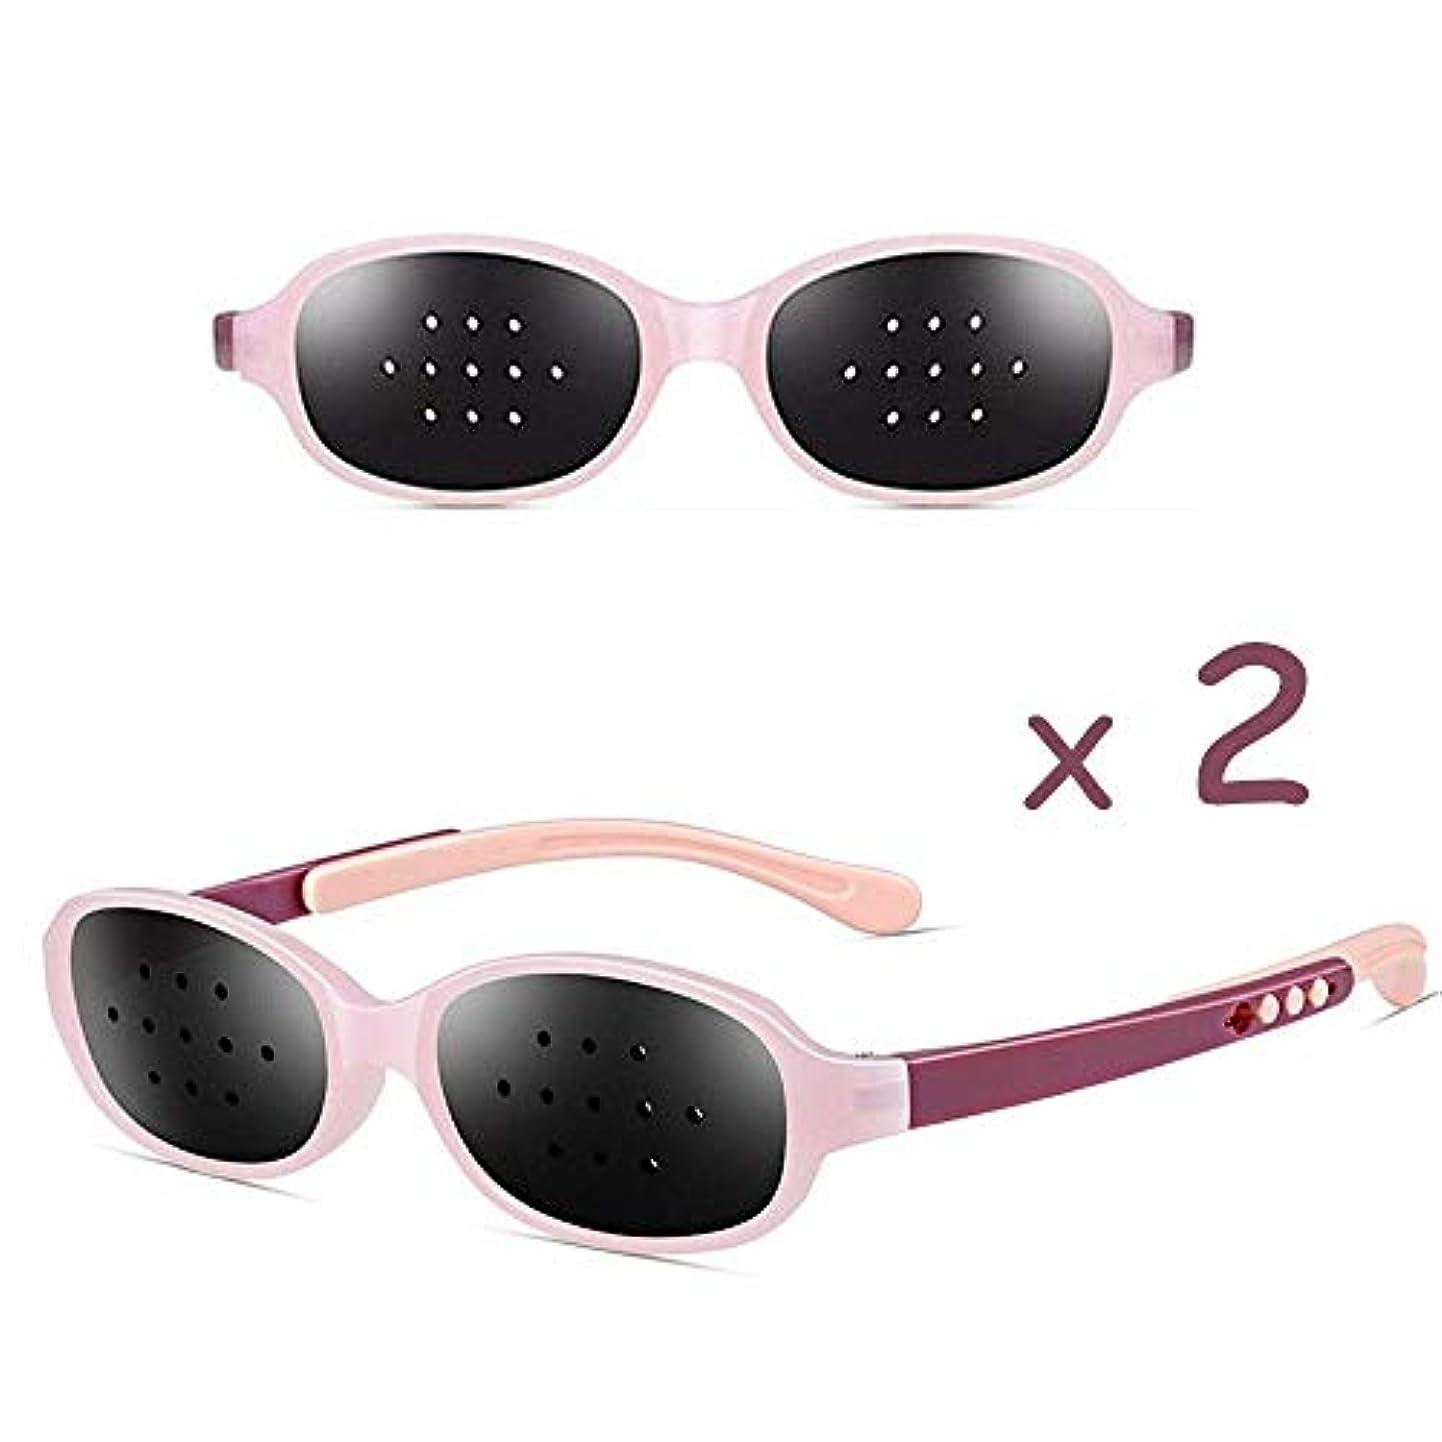 排出成り立つ討論視力保護のためのピンホールメガネ目運動視力矯正メガネ (Color : B)